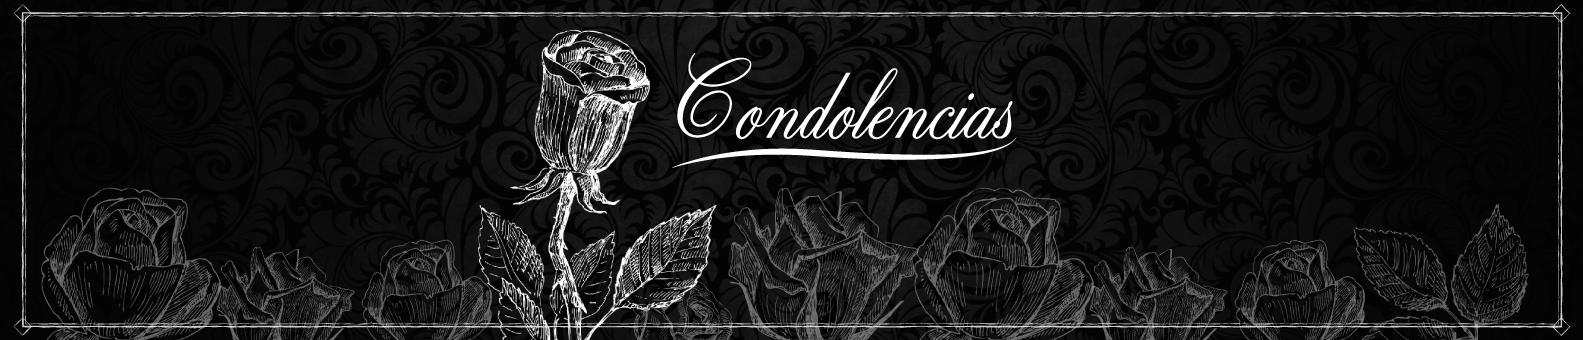 banner_condolencias